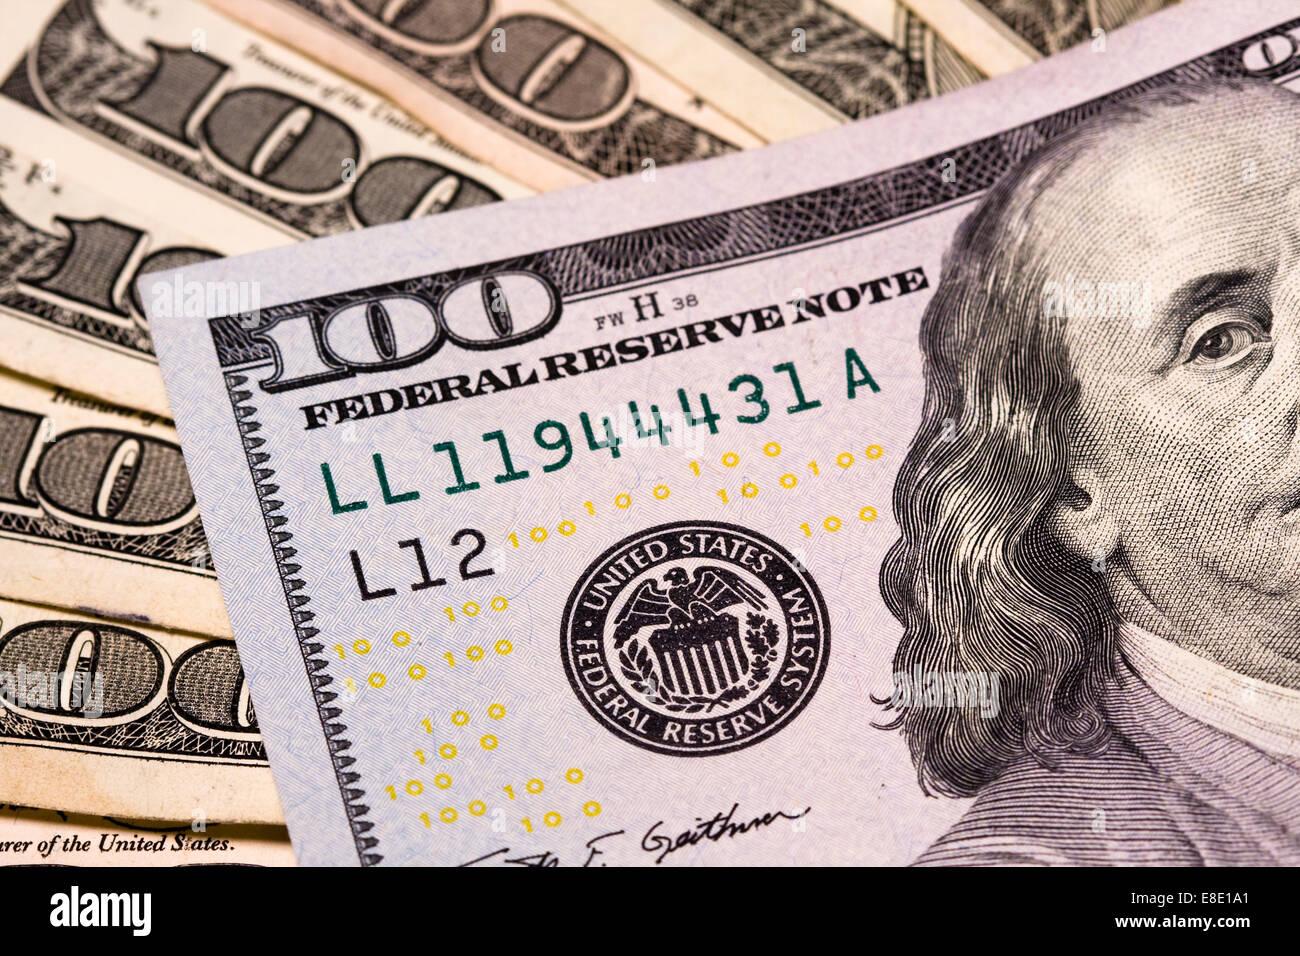 Muchos billetes de cien dólares repartidos mostrando la junta de la Reserva Federal con el color amarillo, negro Foto de stock